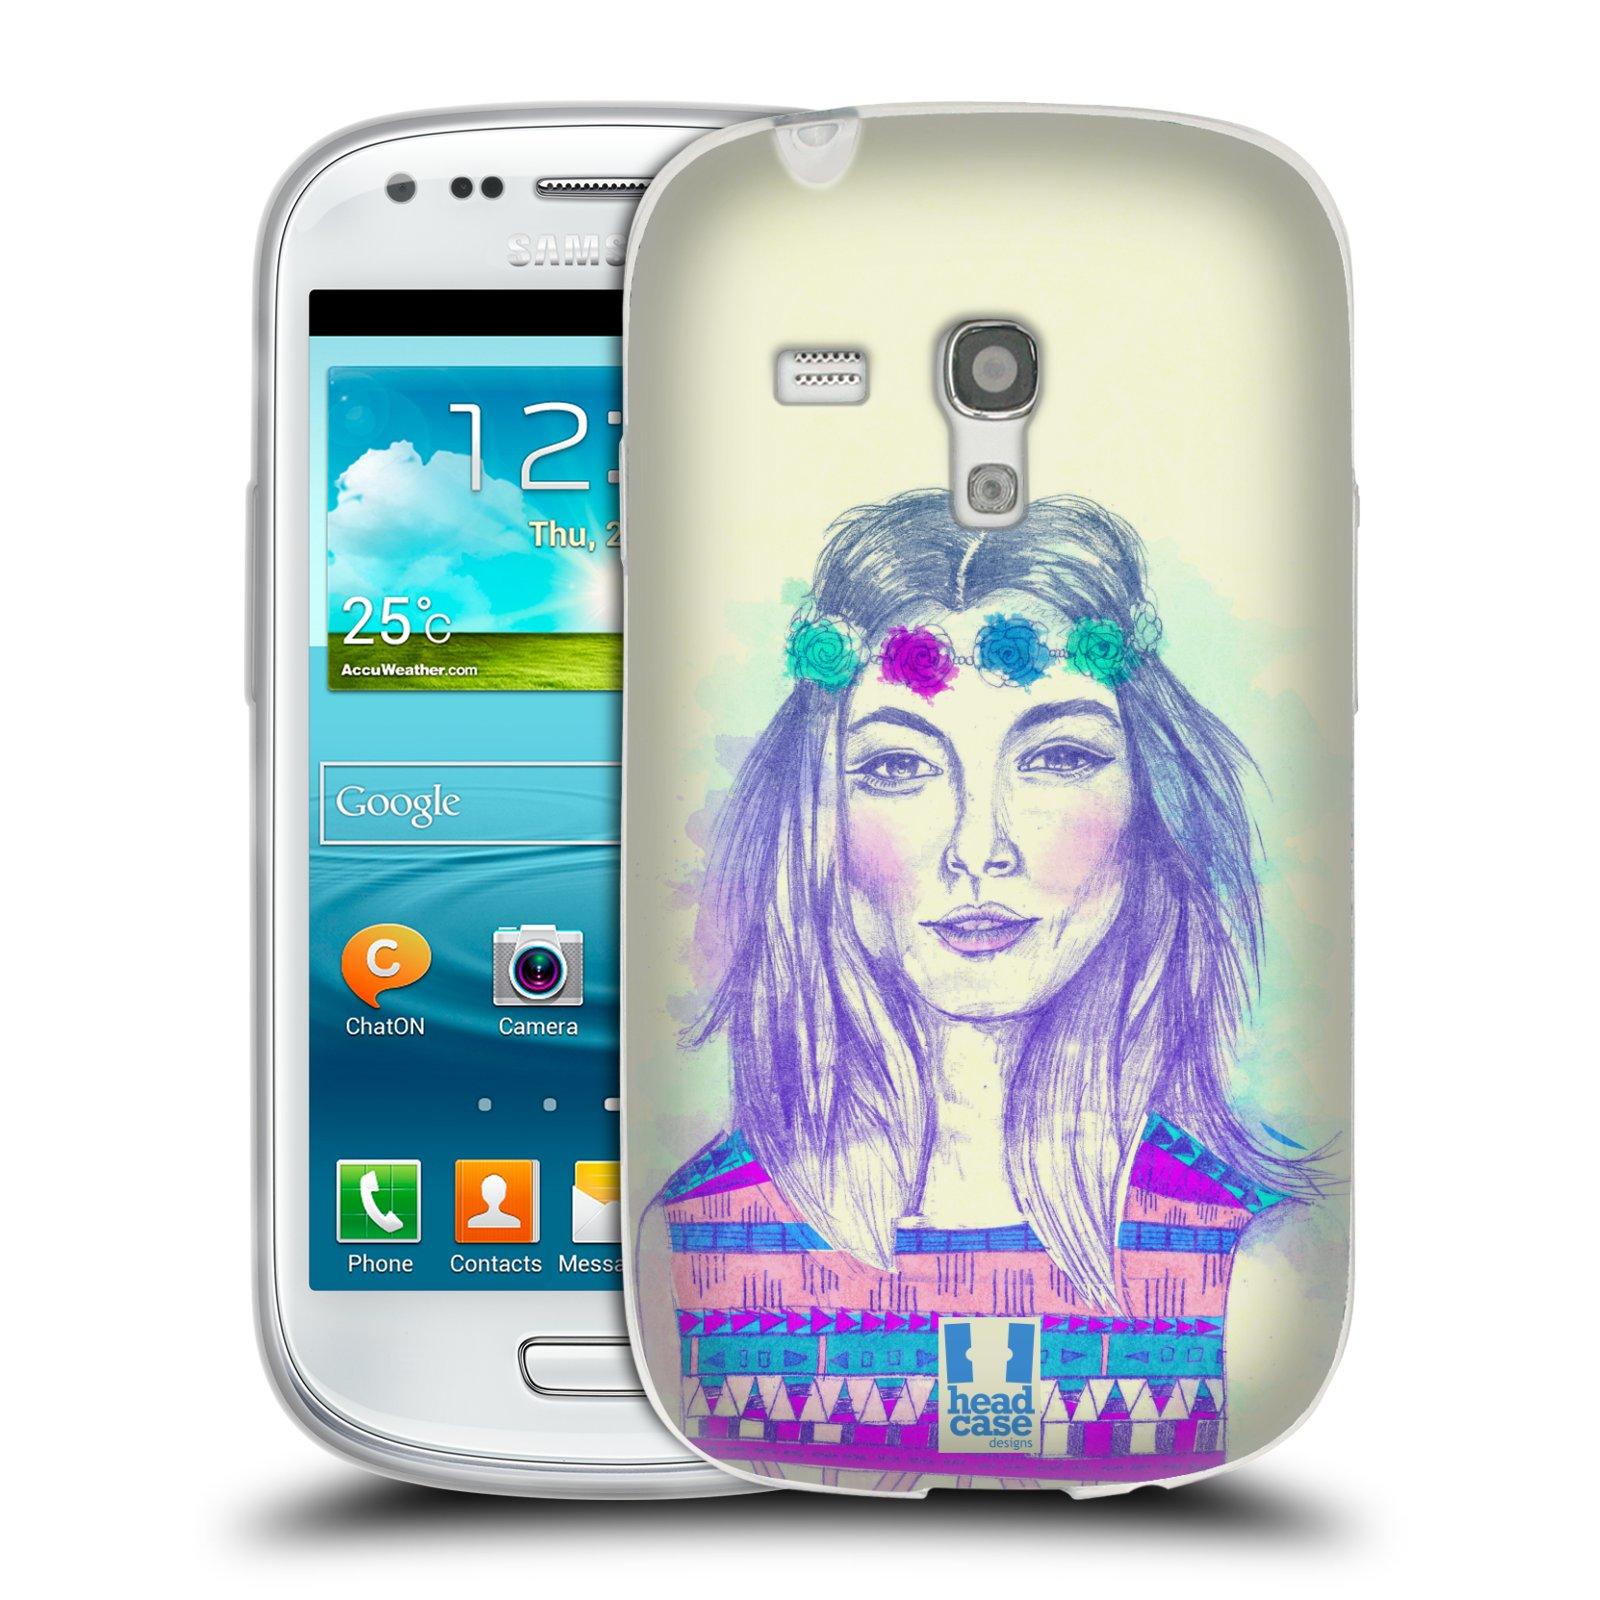 HEAD CASE silikonový obal na mobil Samsung Galaxy S3 MINI i8190 vzor Dívka dlouhé květinové vlasy HIPPIE modrá